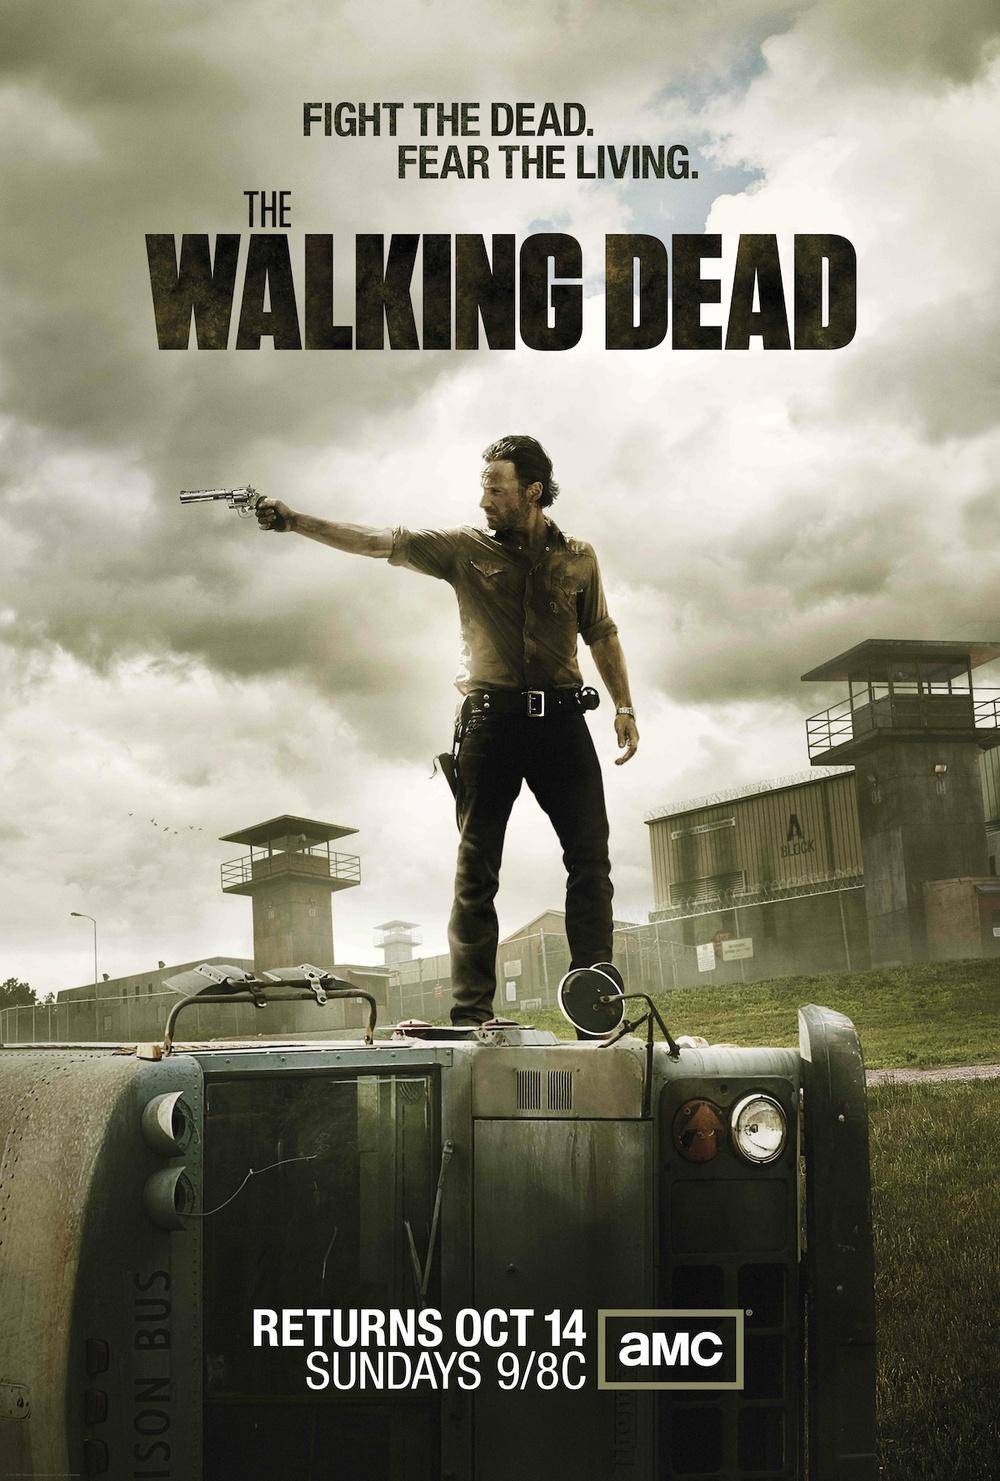 Walking_Dead_Season_3_Poster_9_5_12.jpg